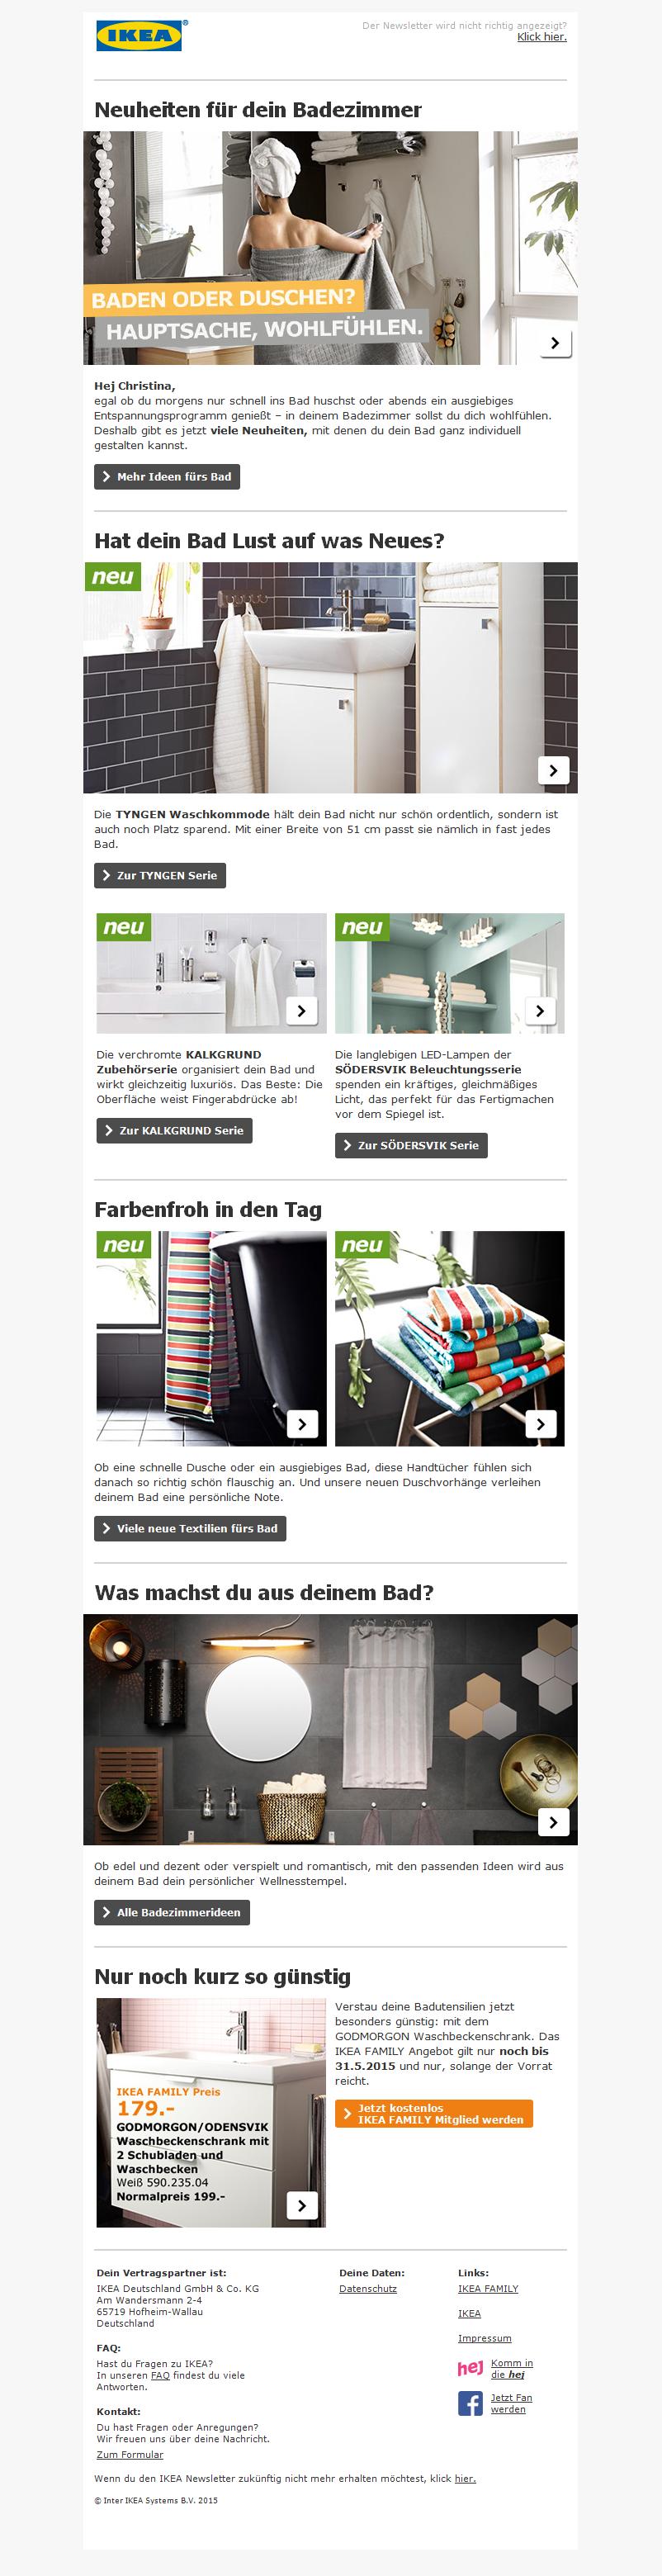 Tipps für effektive Call-to-Actions im Newsletter - inxmail.de